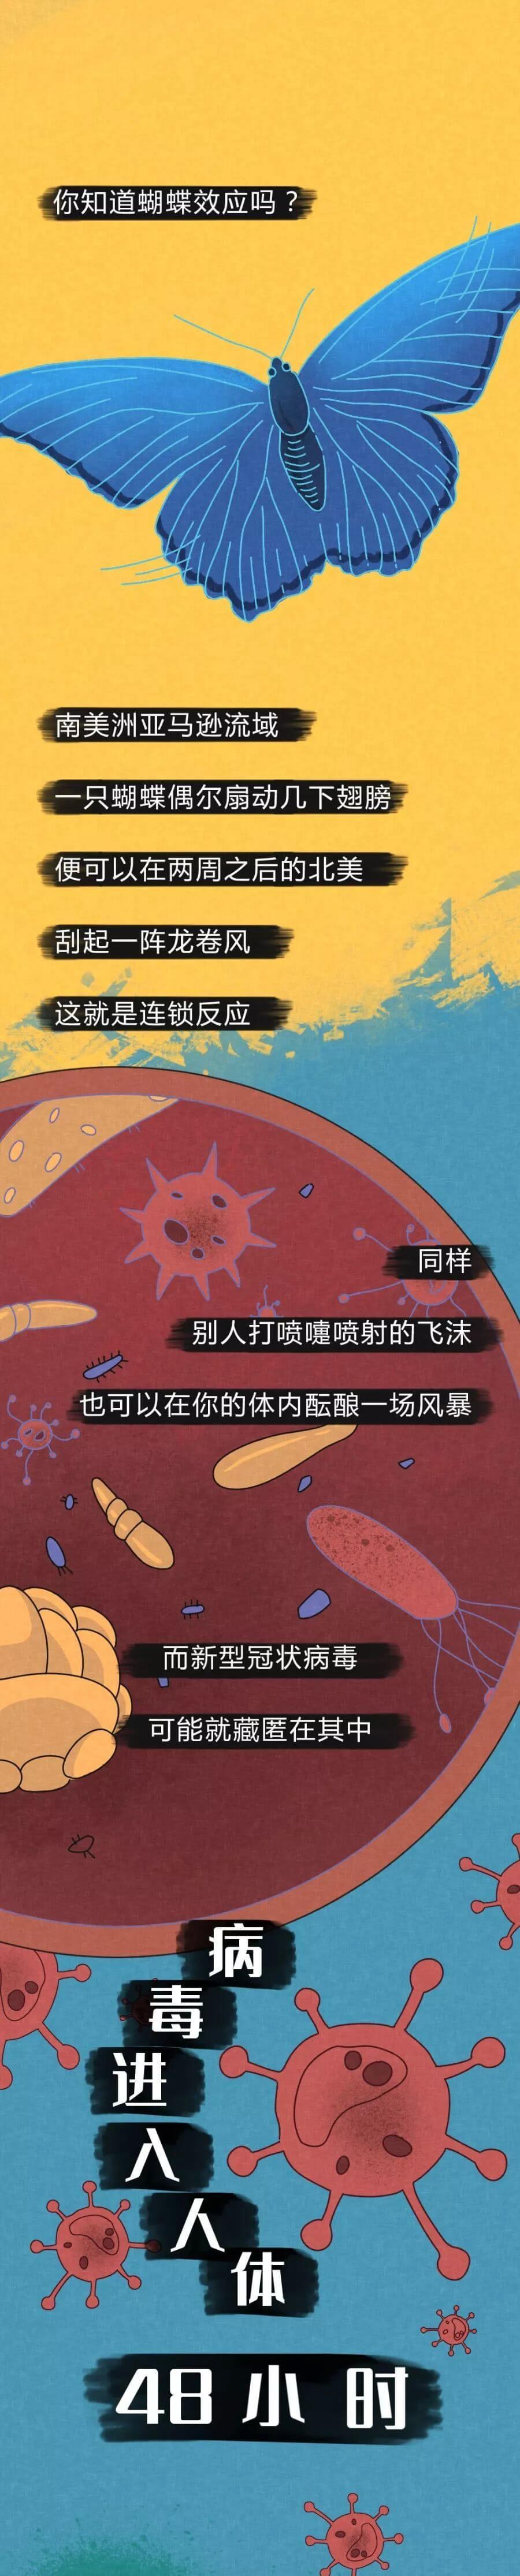 病毒进入体内的48小时。